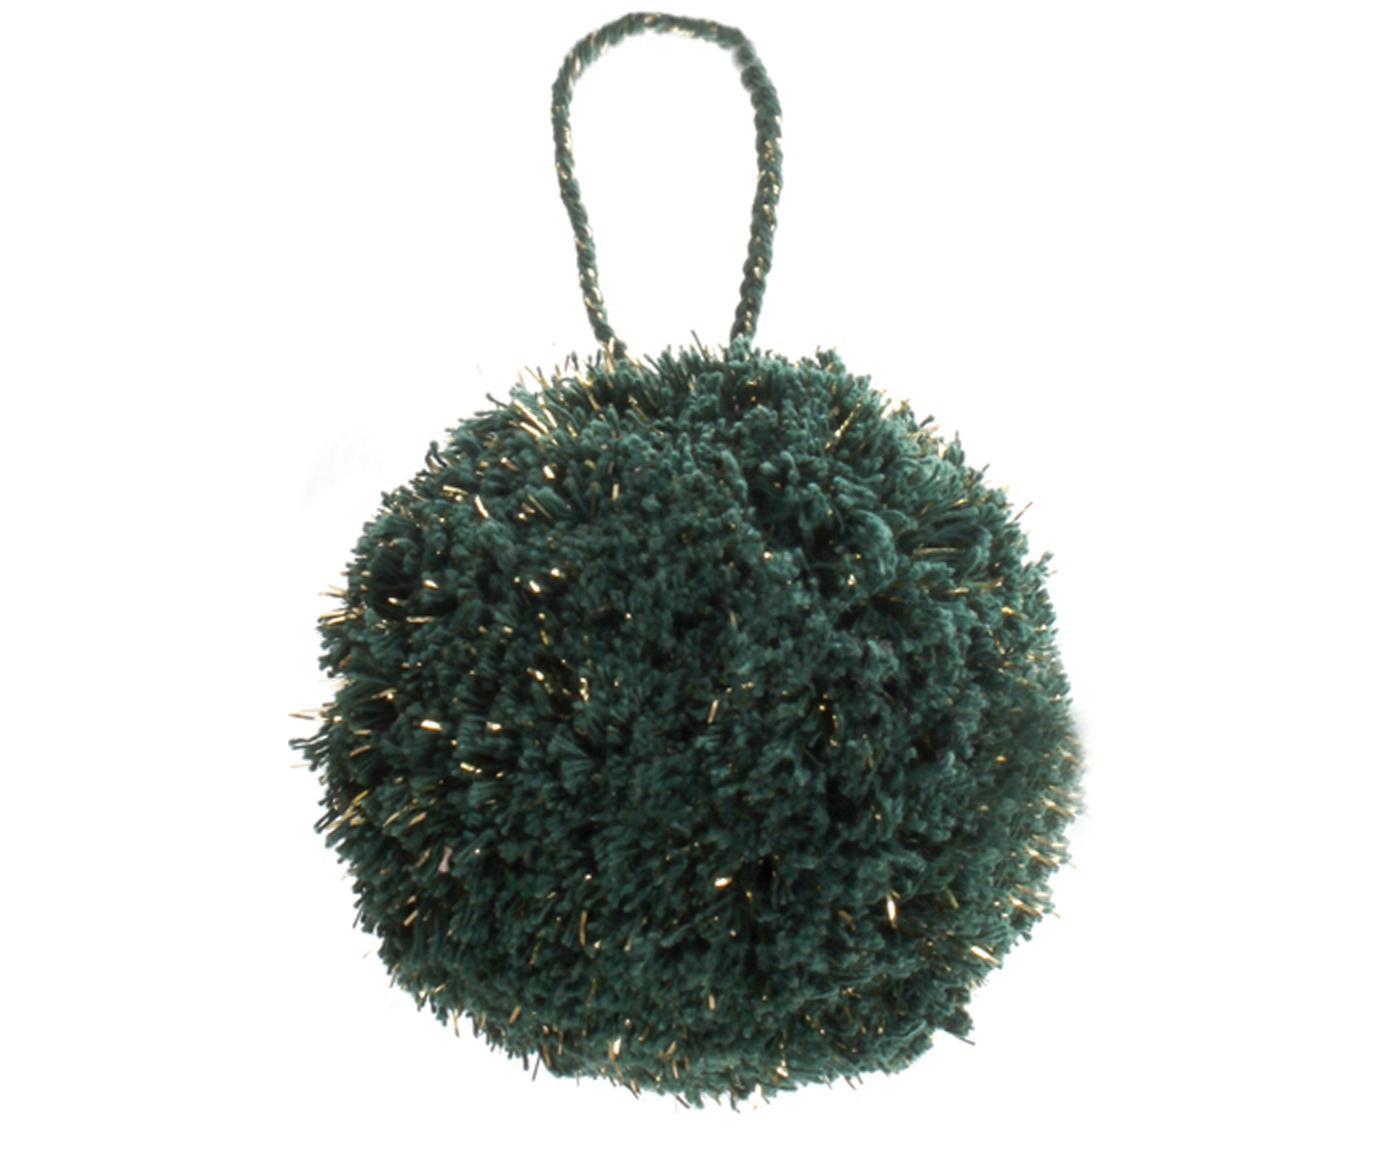 Baumanhänger Pompon, 2 Stück, Baumwolle mit Lurexfaden, Petrol, Goldfarben, Ø 8 x H 14 cm